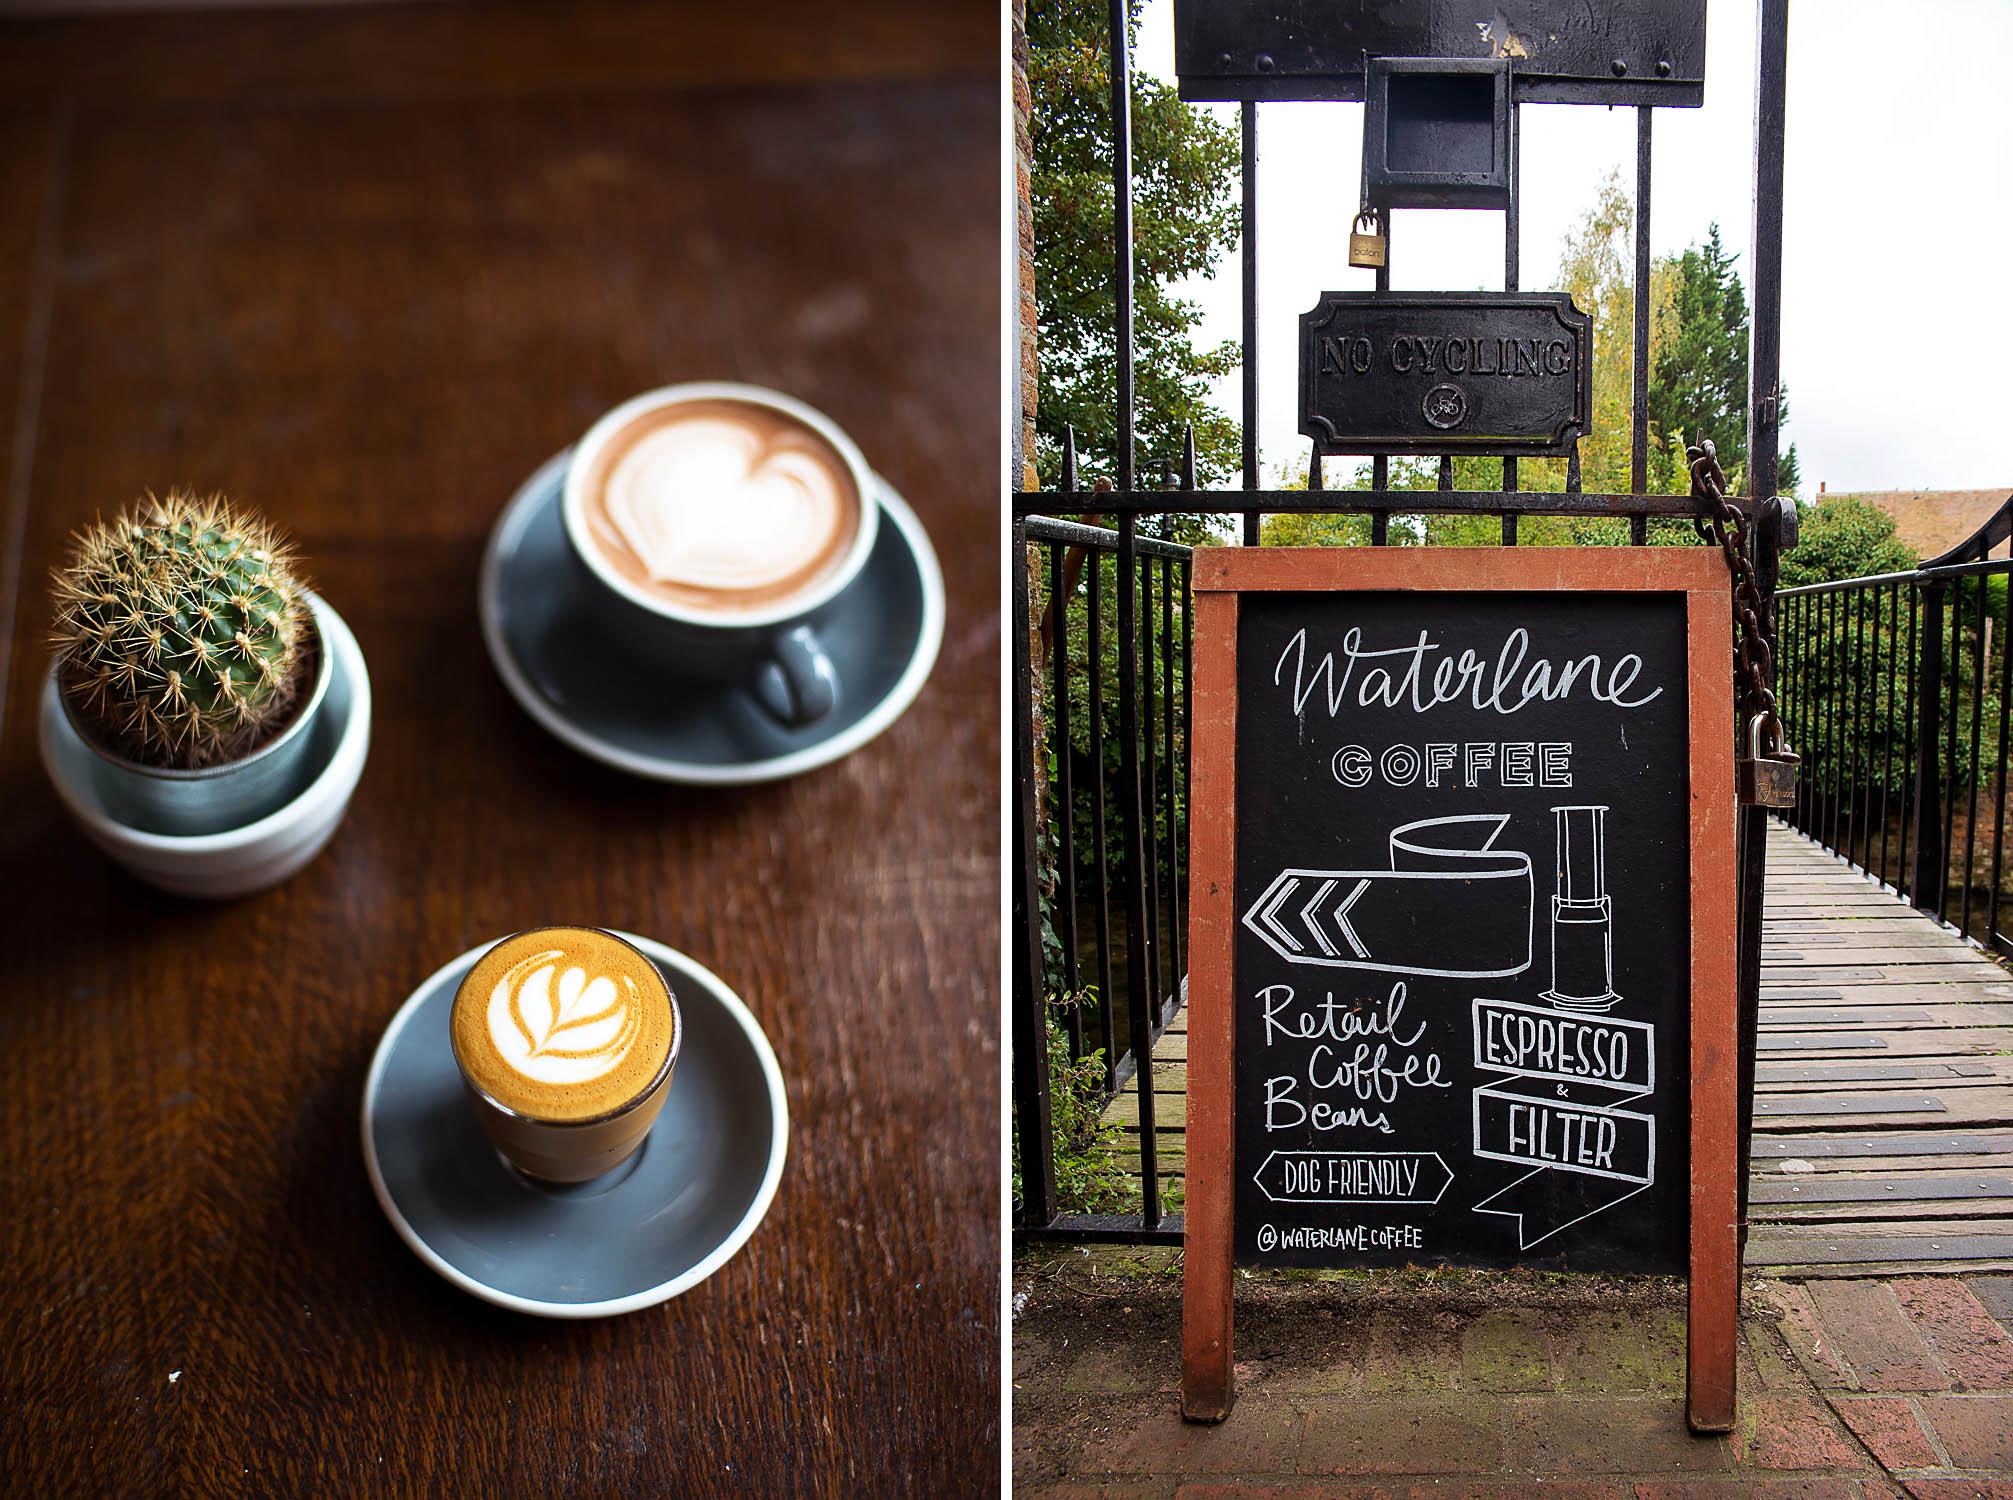 Water Lane Coffeehouse, Canterbury Kent